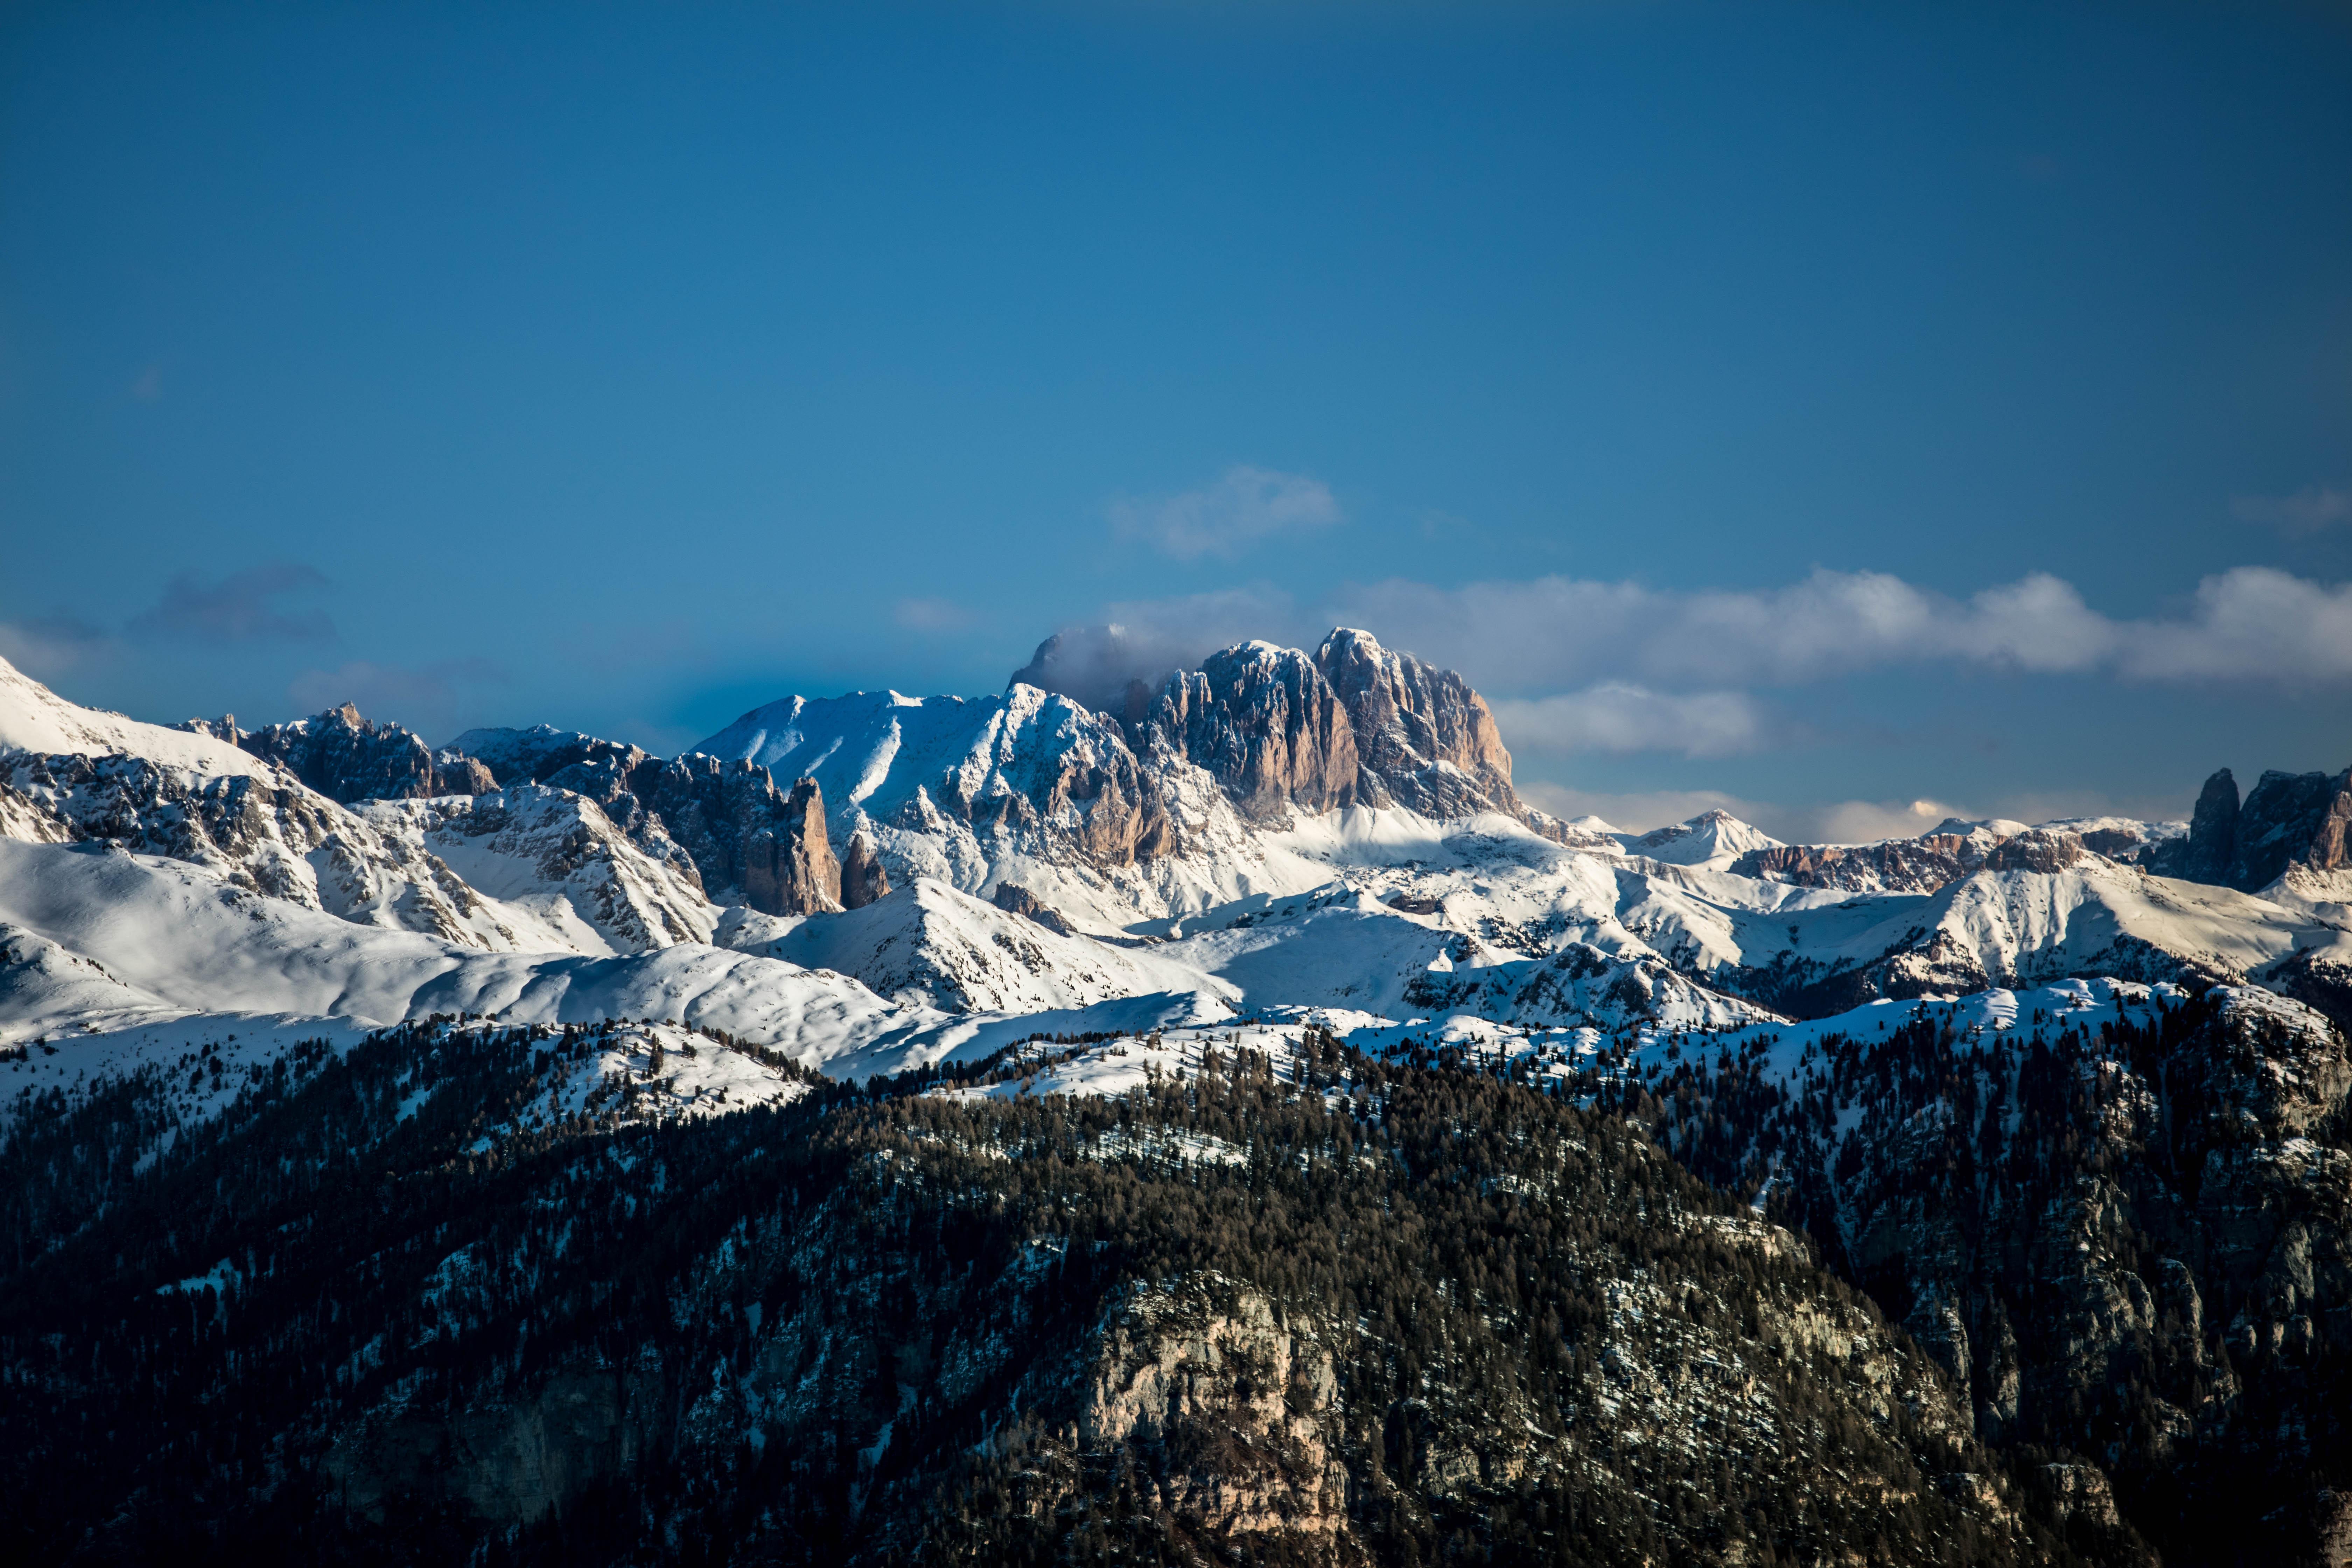 Alpe Cermis, Cavalese